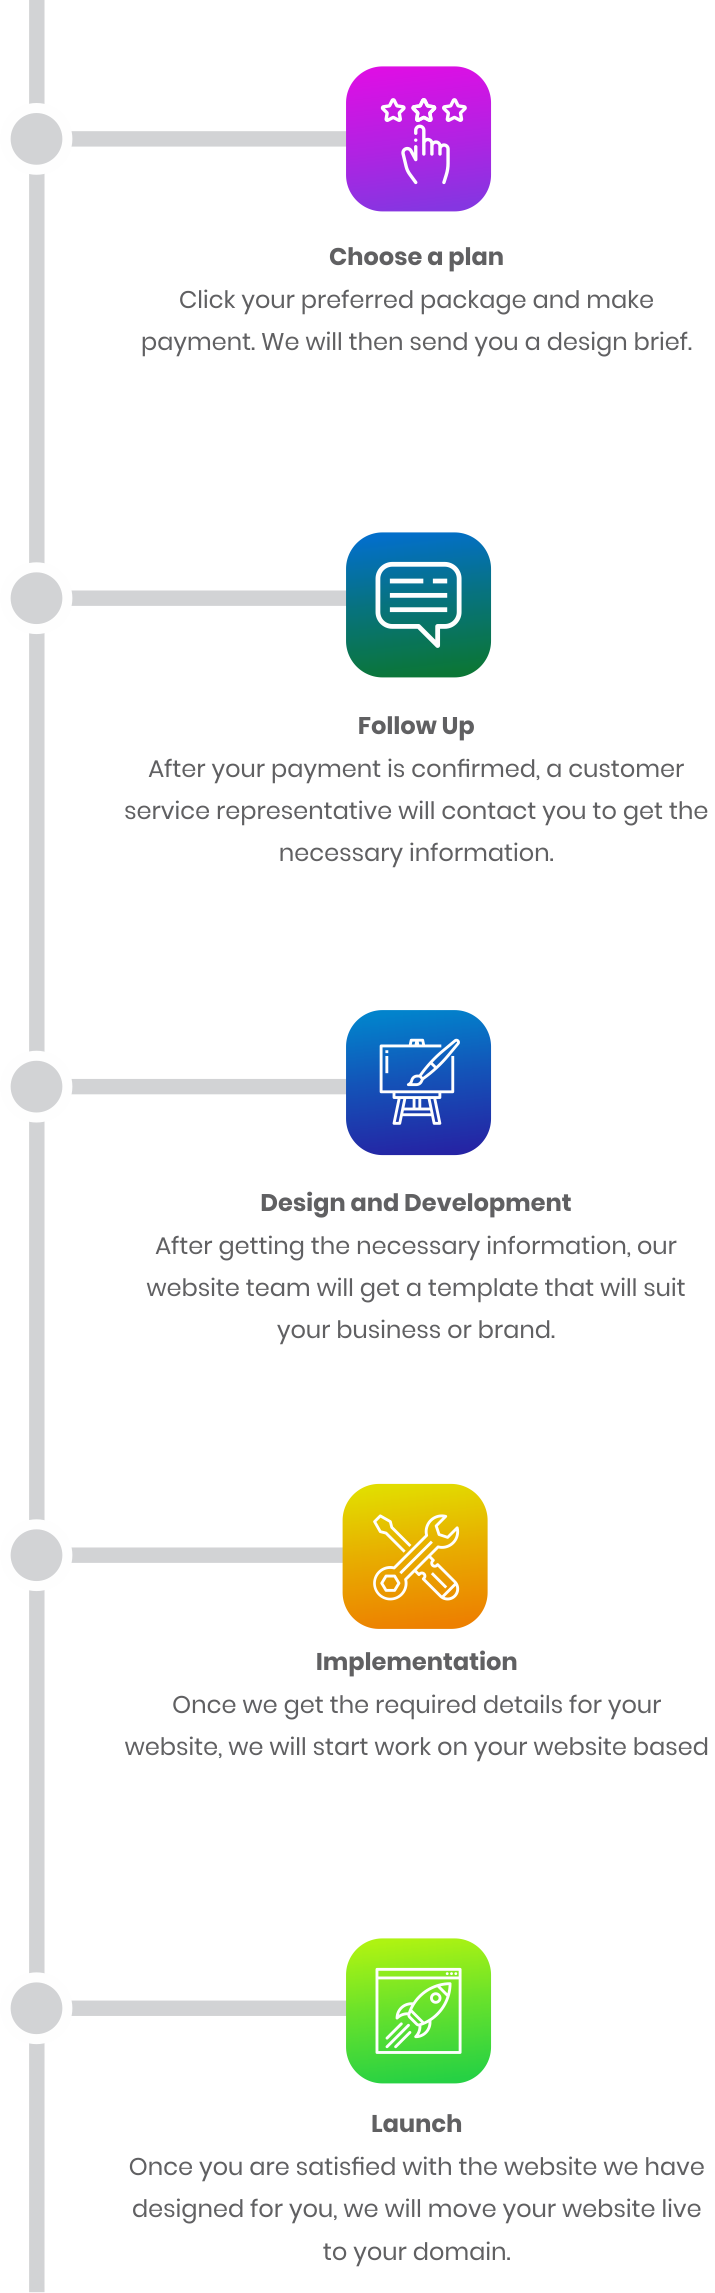 Whogohost's web design process flow